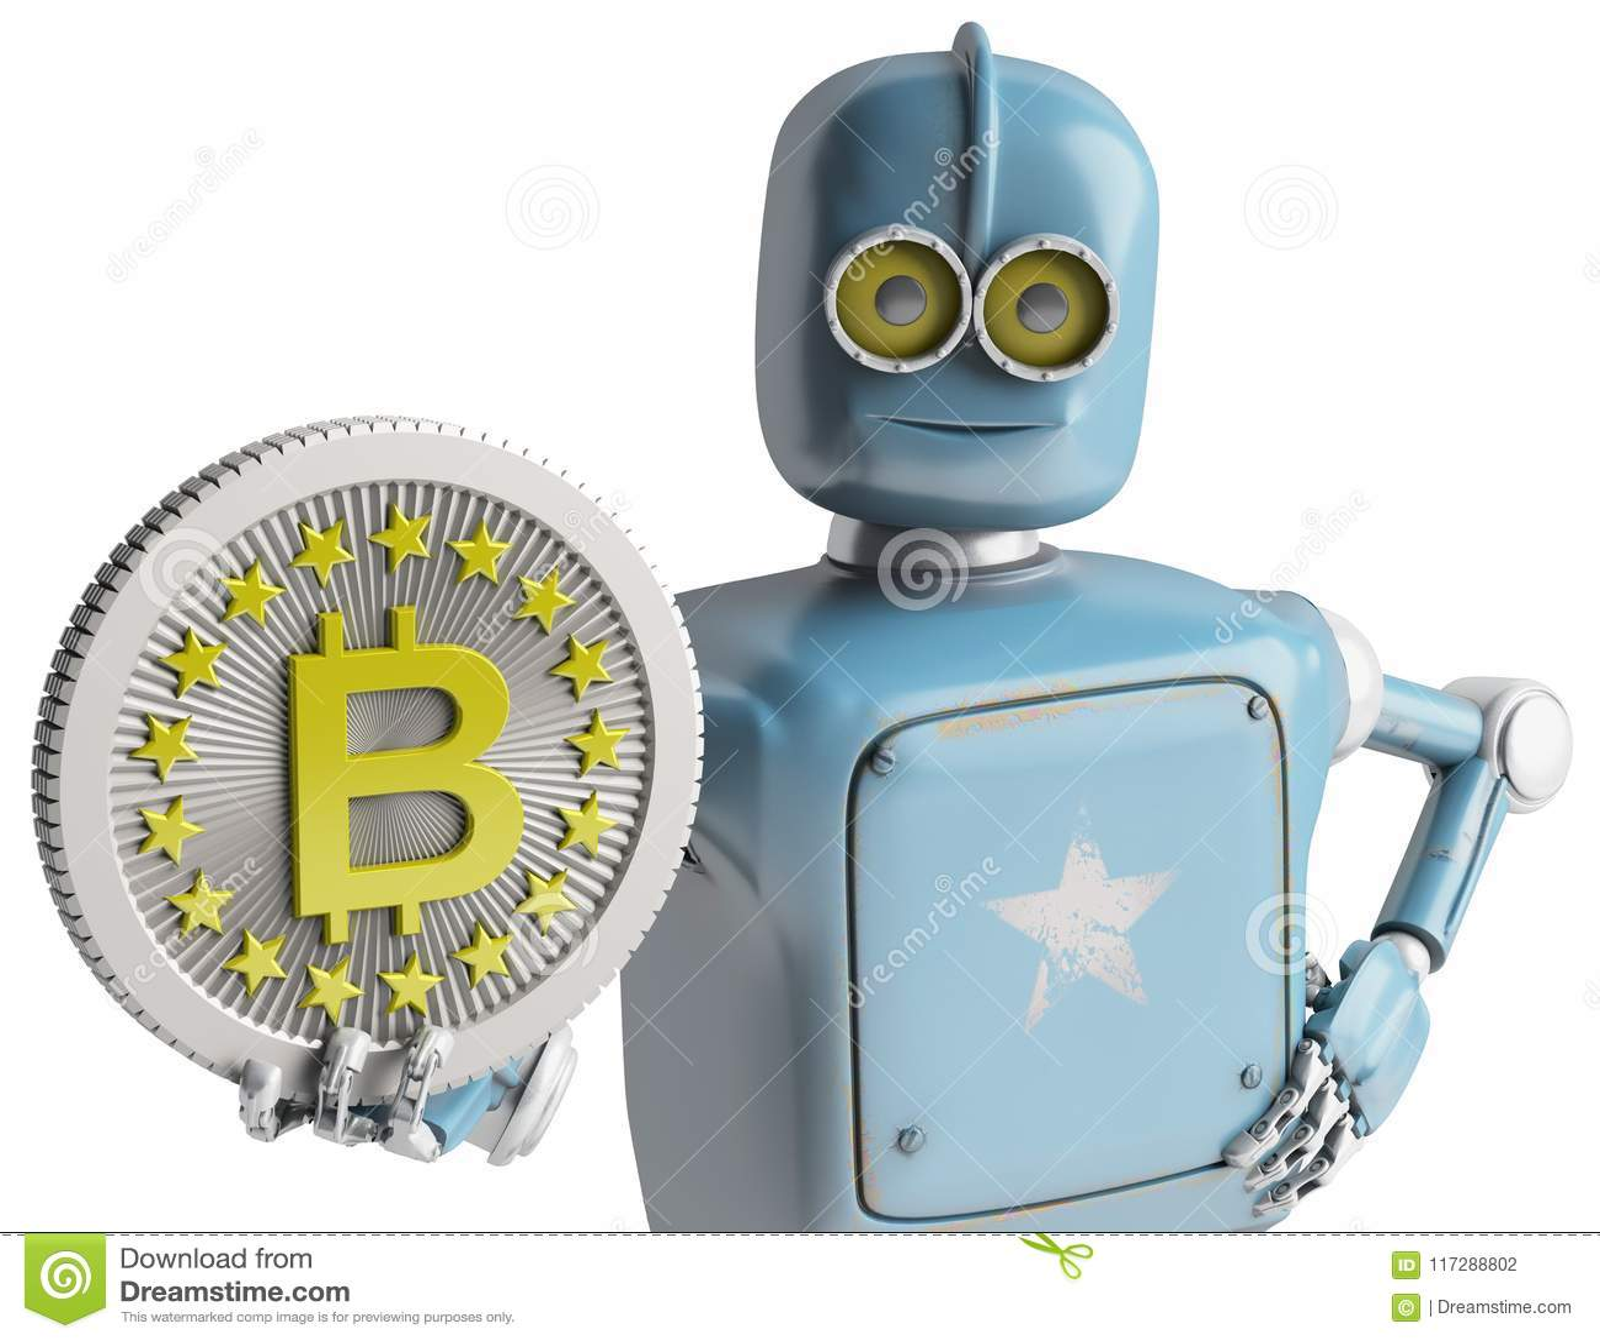 migliore criptovaluta 2021 come acquistare bitcoin anonimo reddit